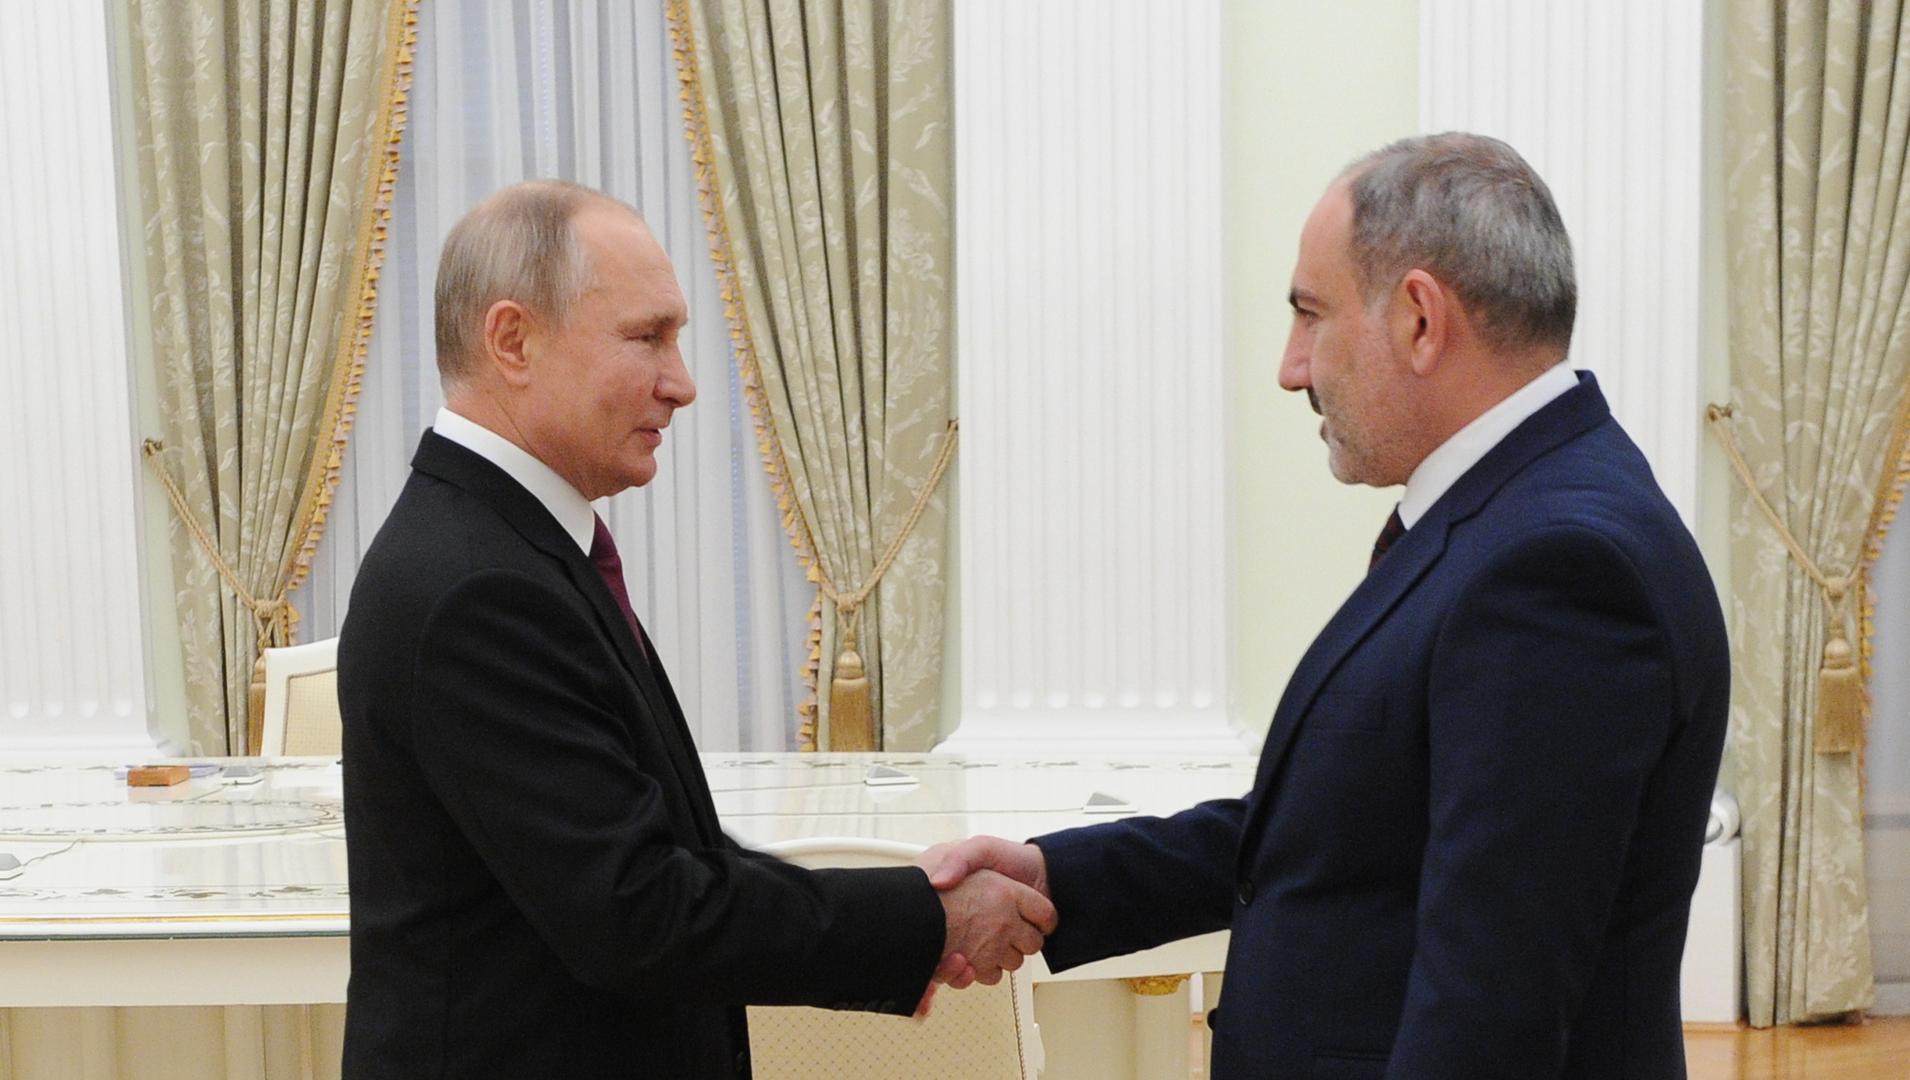 الرئيس الروسي فلاديمير بوتين مع رئيس وزراء أرمينيا نيكول باشينيان